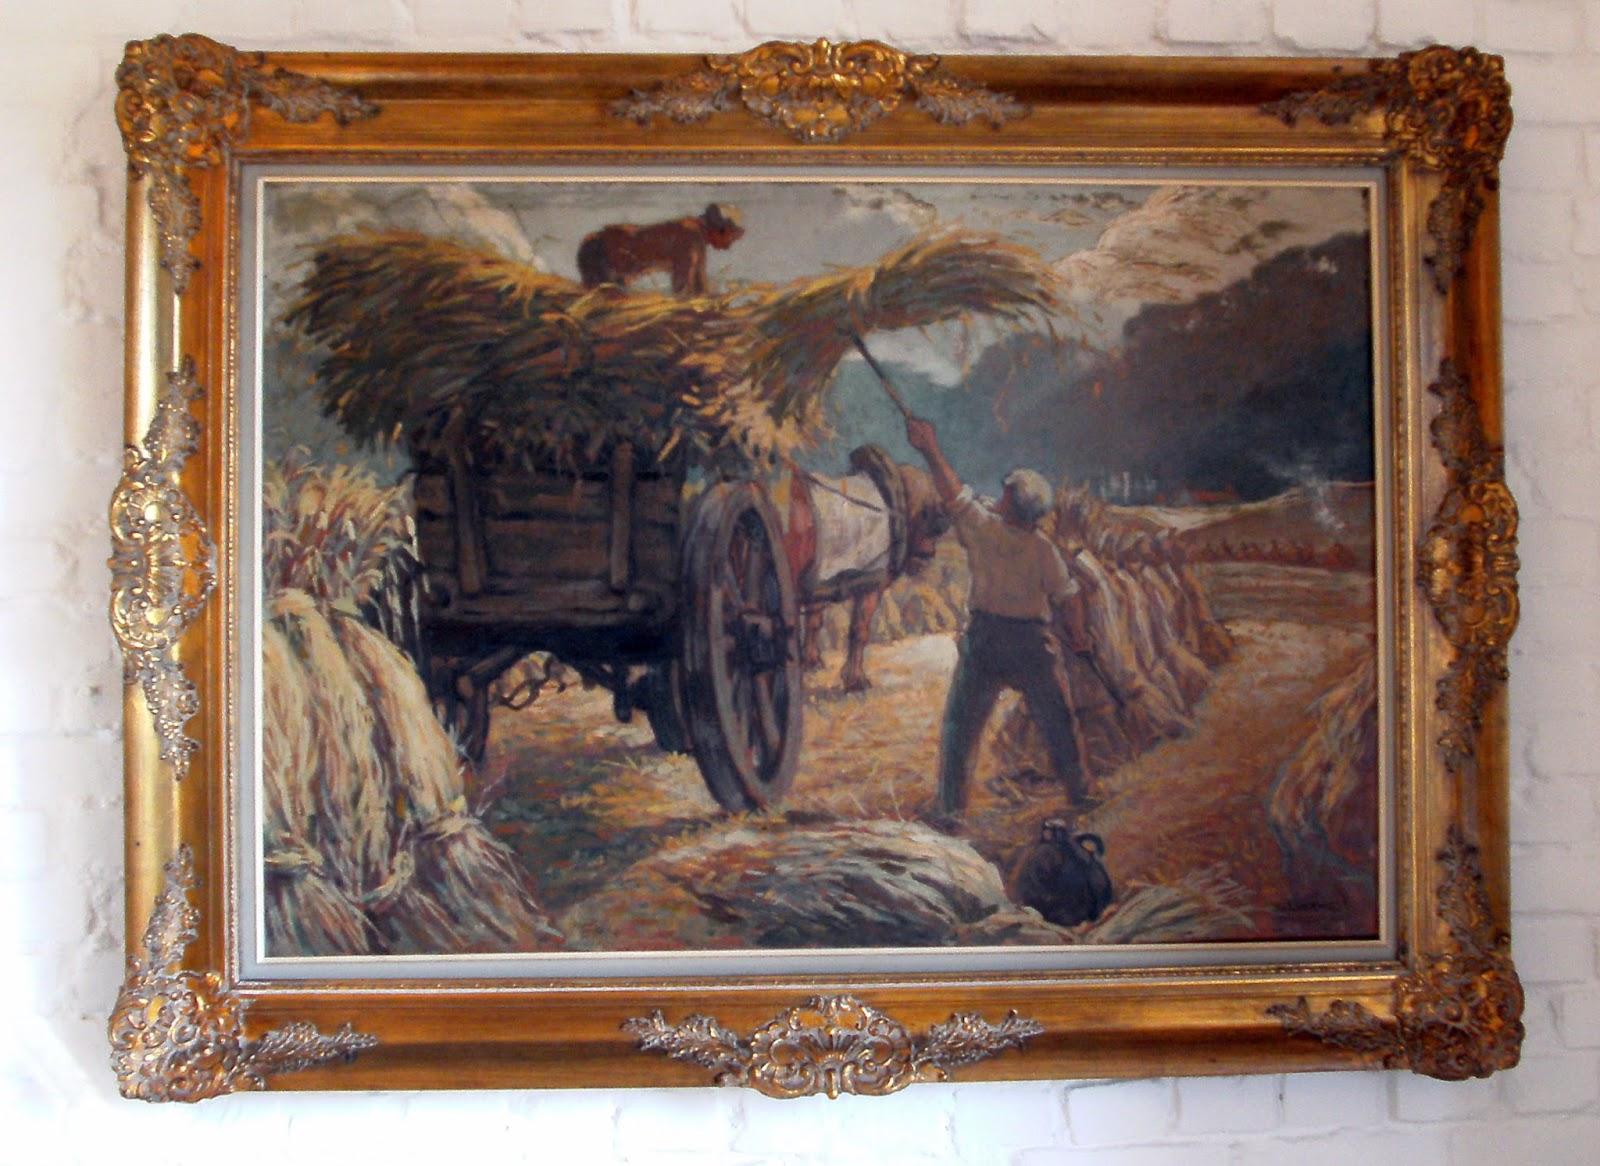 Jules verwest kunstschilder: schilderij met arbeid op de hooiwagen ...